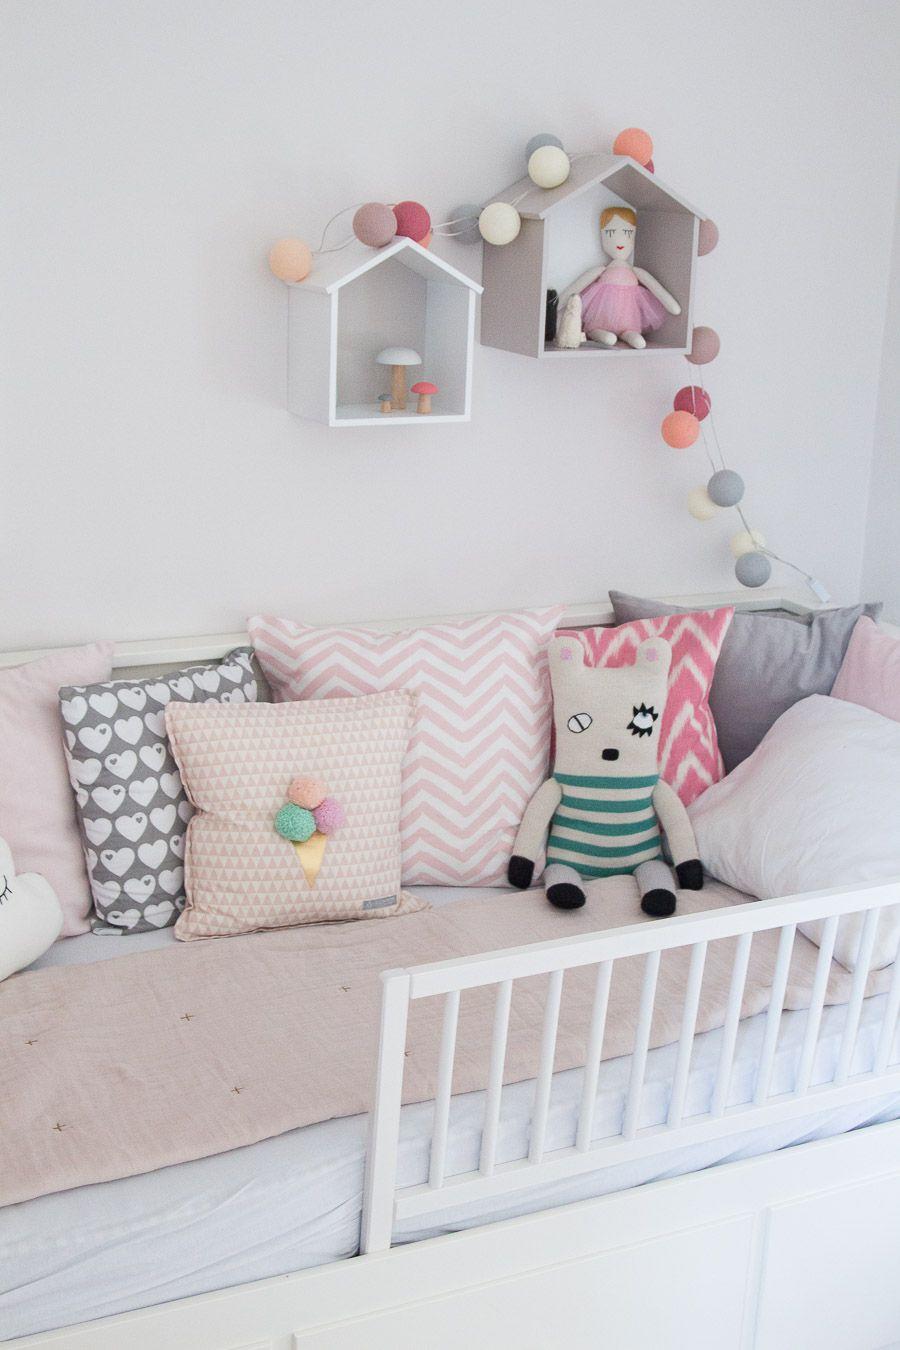 Kinderzimmer für Mädchen | Oh baby! | Pinterest | HEMNES, Daybed and ...